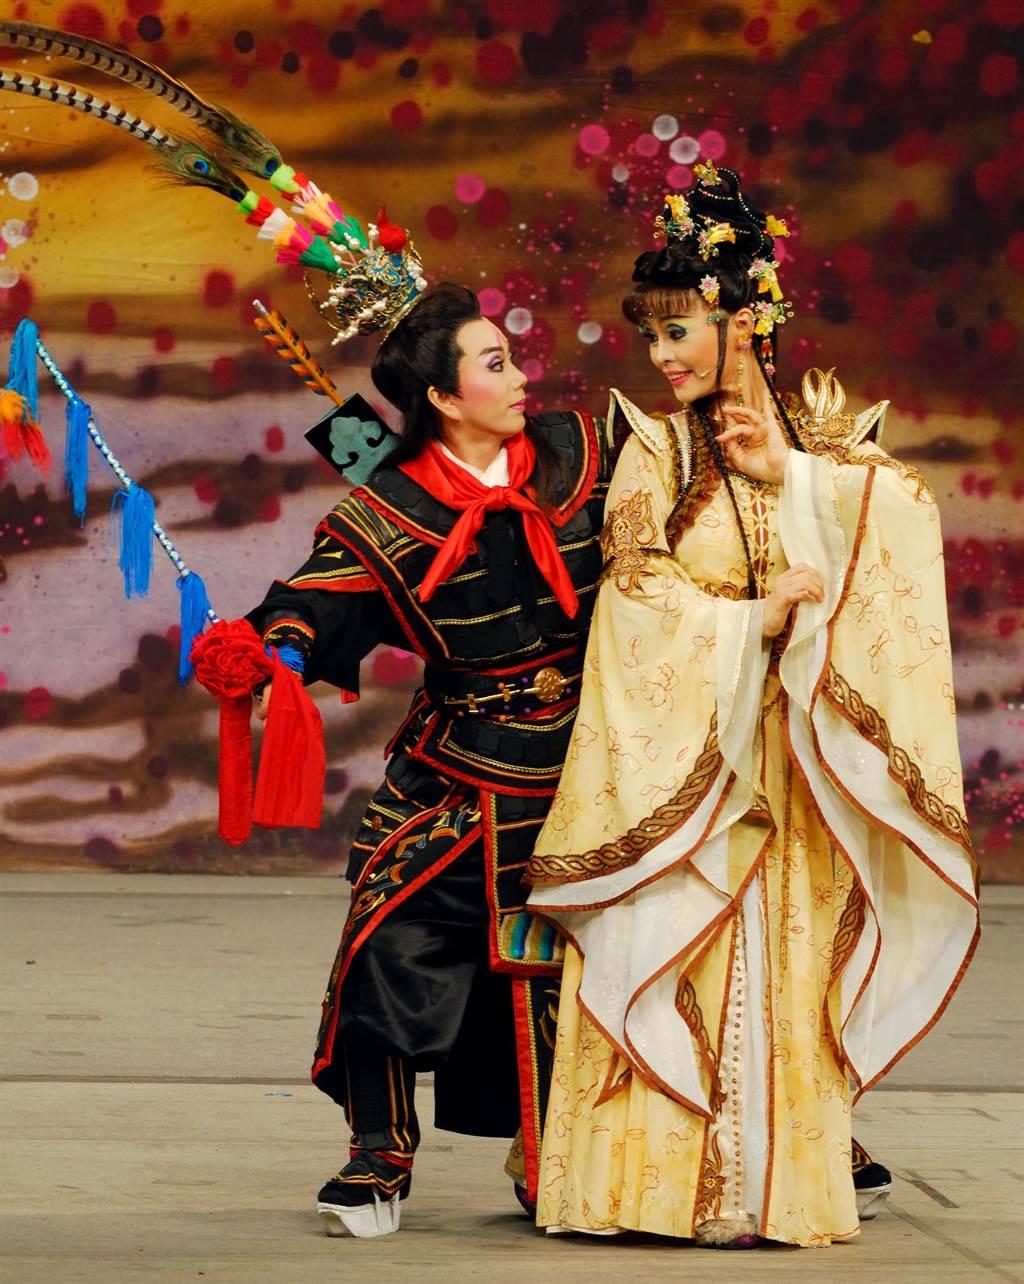 明華園歌仔戲團也演出大戲《逐鹿天下》謝神。(戴志揚翻攝)